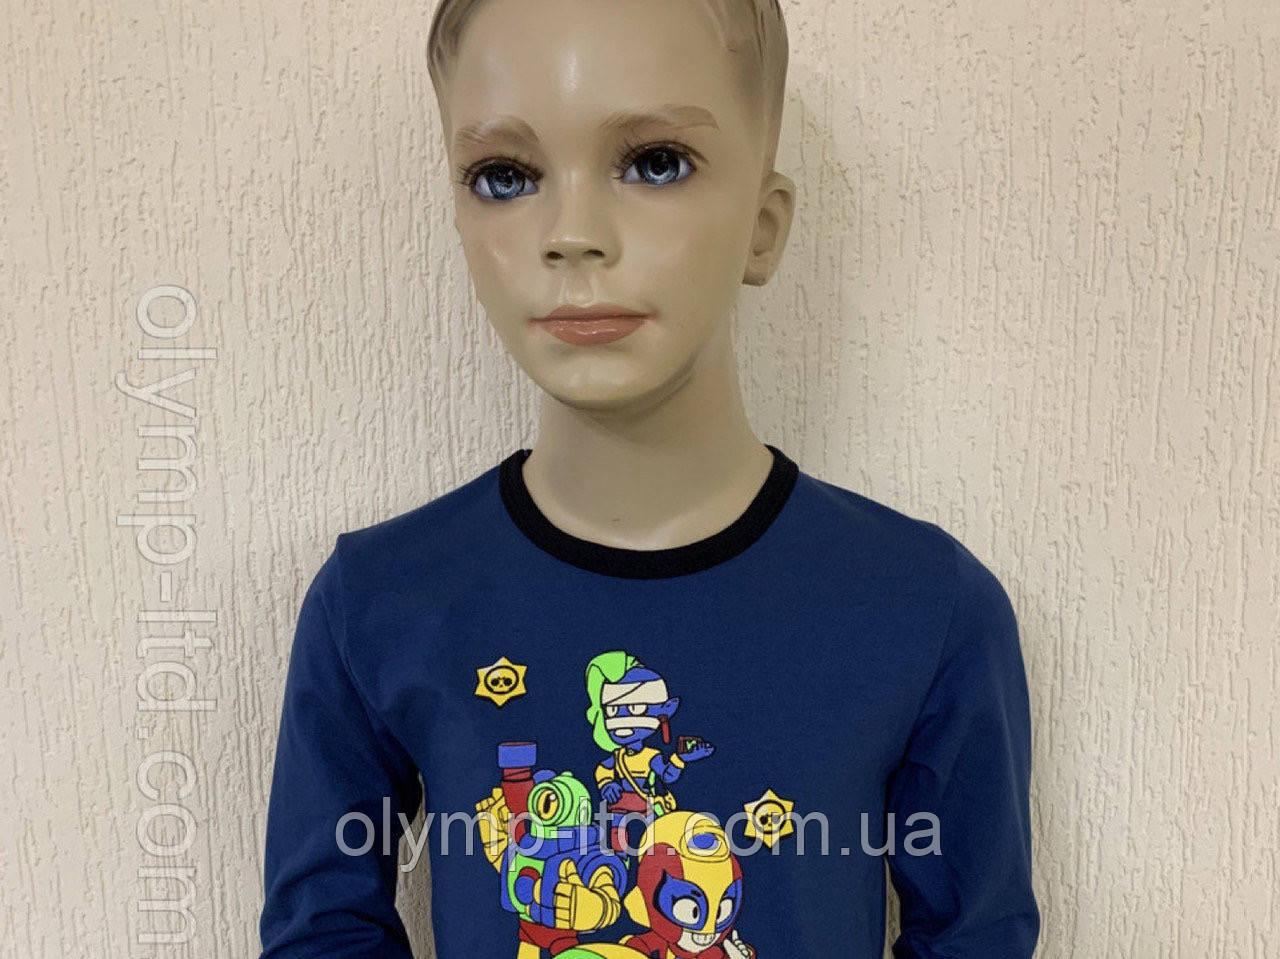 Джемпер детский для мальчика 28-34р-р стрейч кулир шелкография.